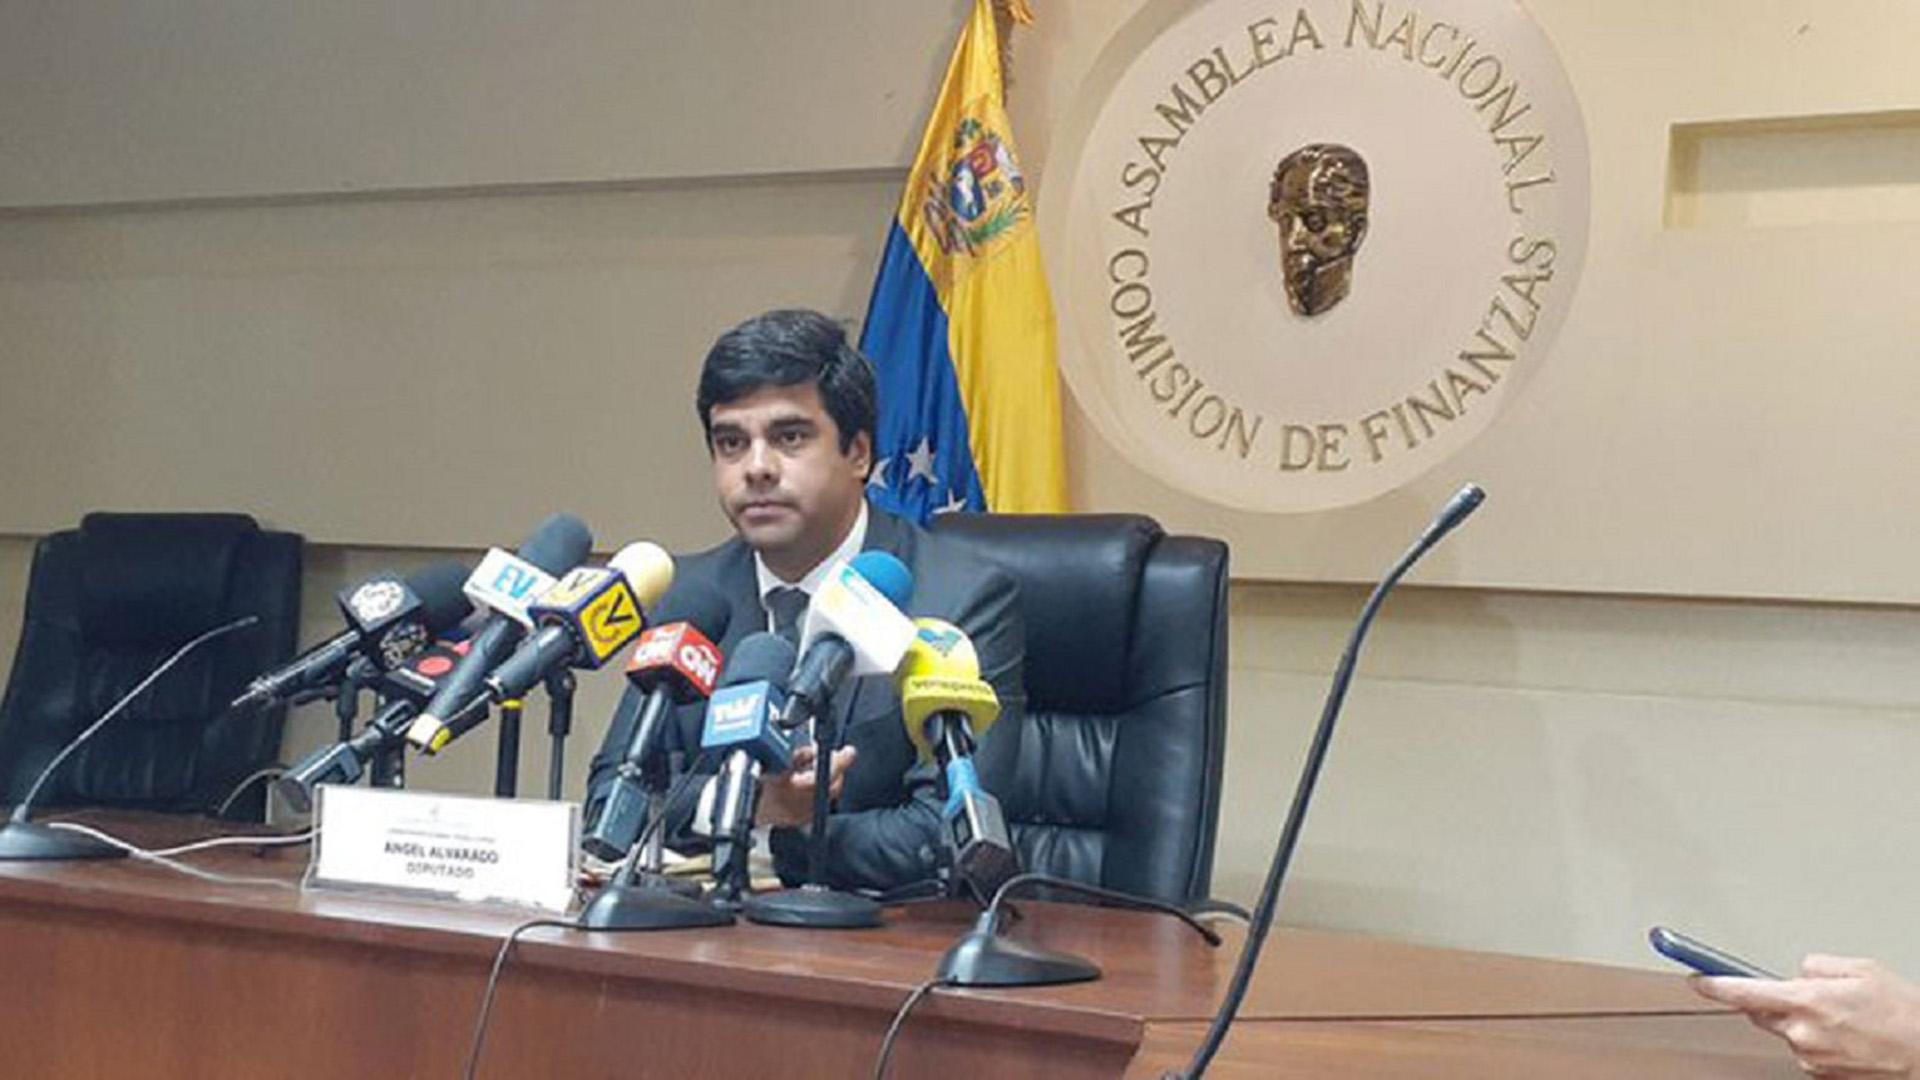 Asamblea Nacional informó que la inflación acumulada en 2019 fue de 7374,4%